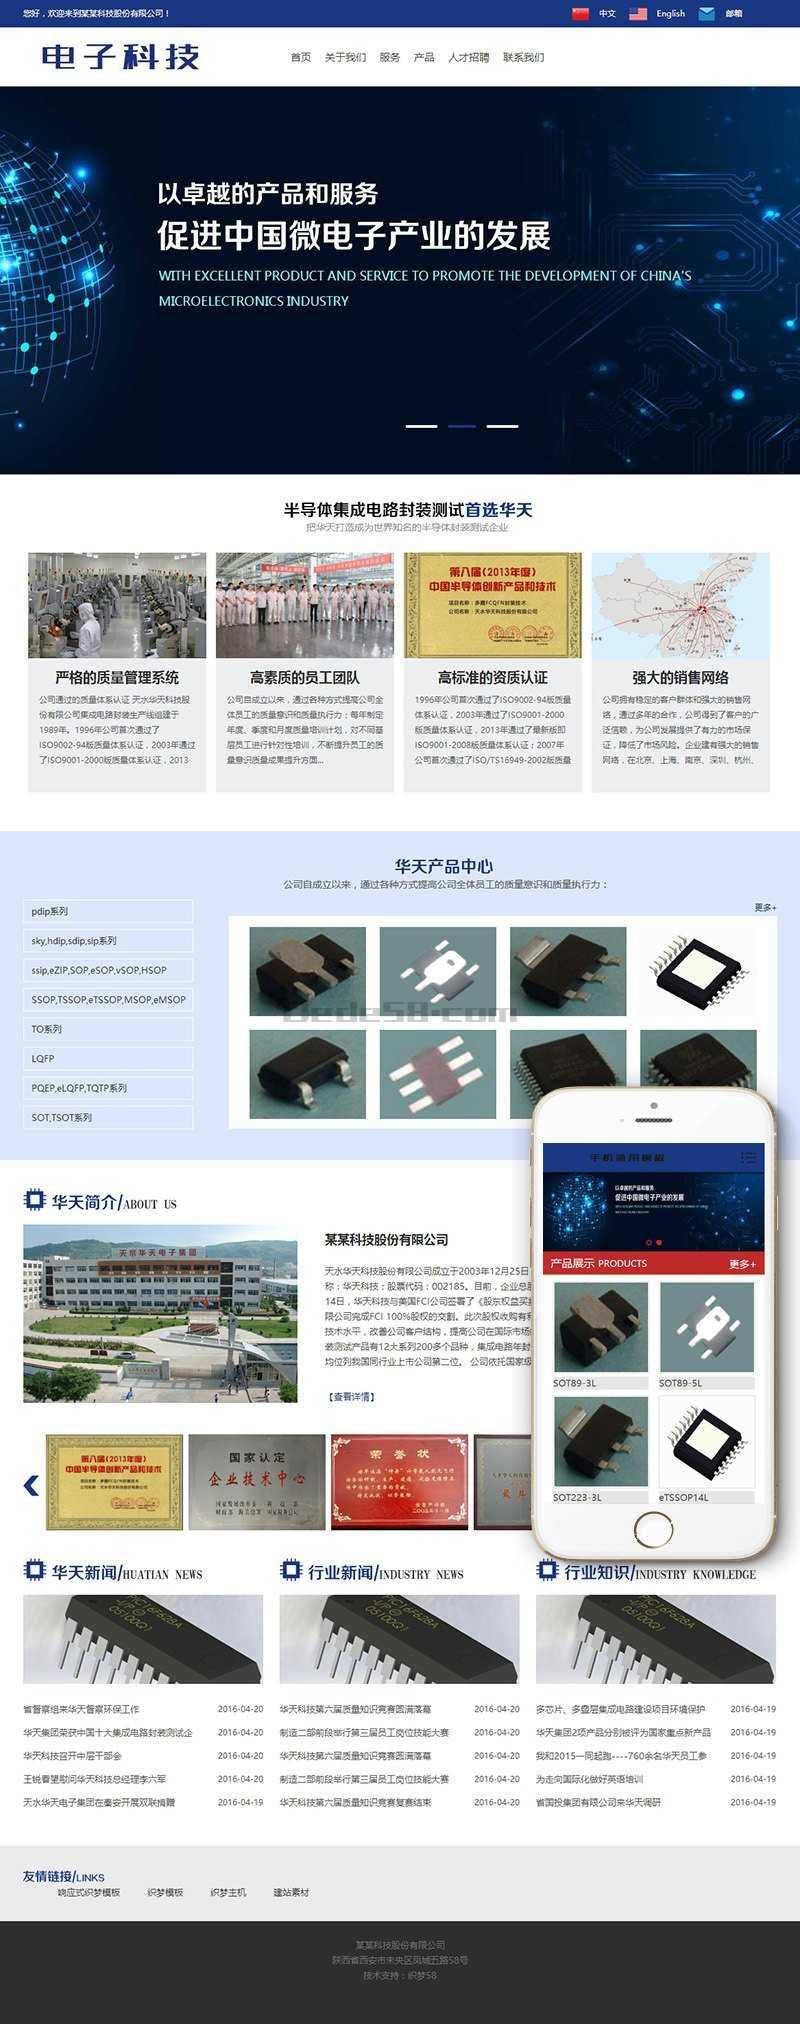 织梦中英双语微电子科技类网站织梦模板(带手机端)插图1